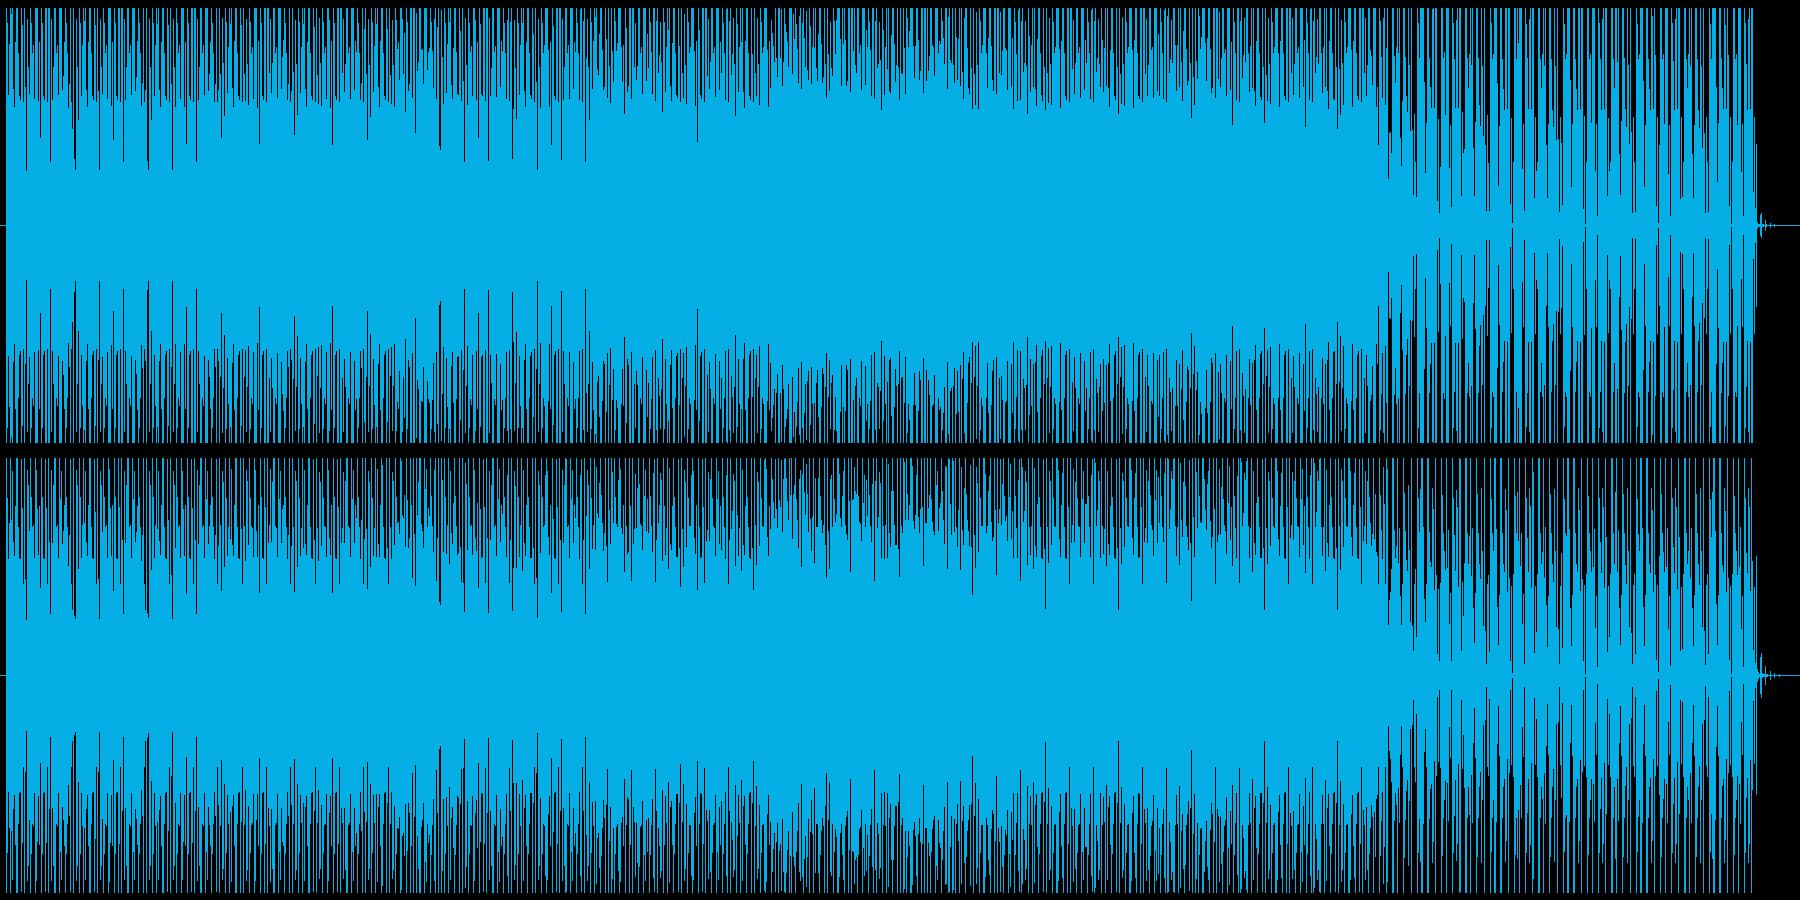 歯切れ良く刻むビートがかっこいいテクノの再生済みの波形